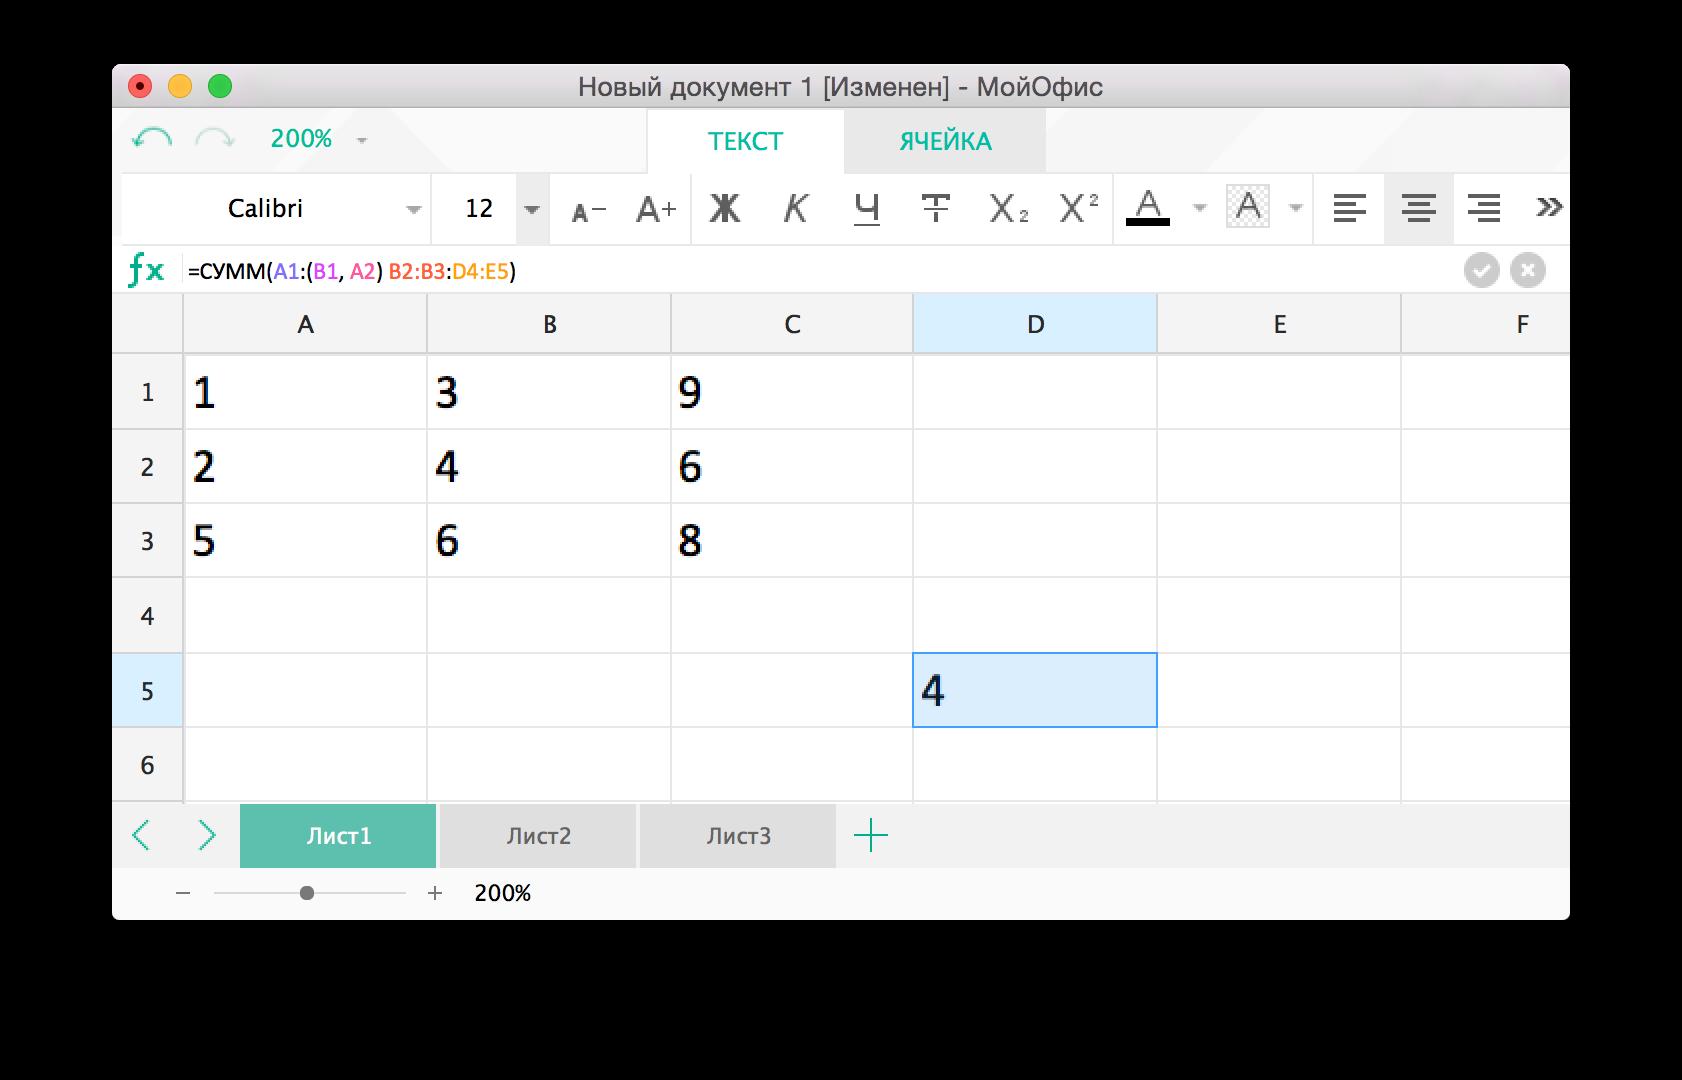 Расчет формул в офисных редакторах. Часть 1